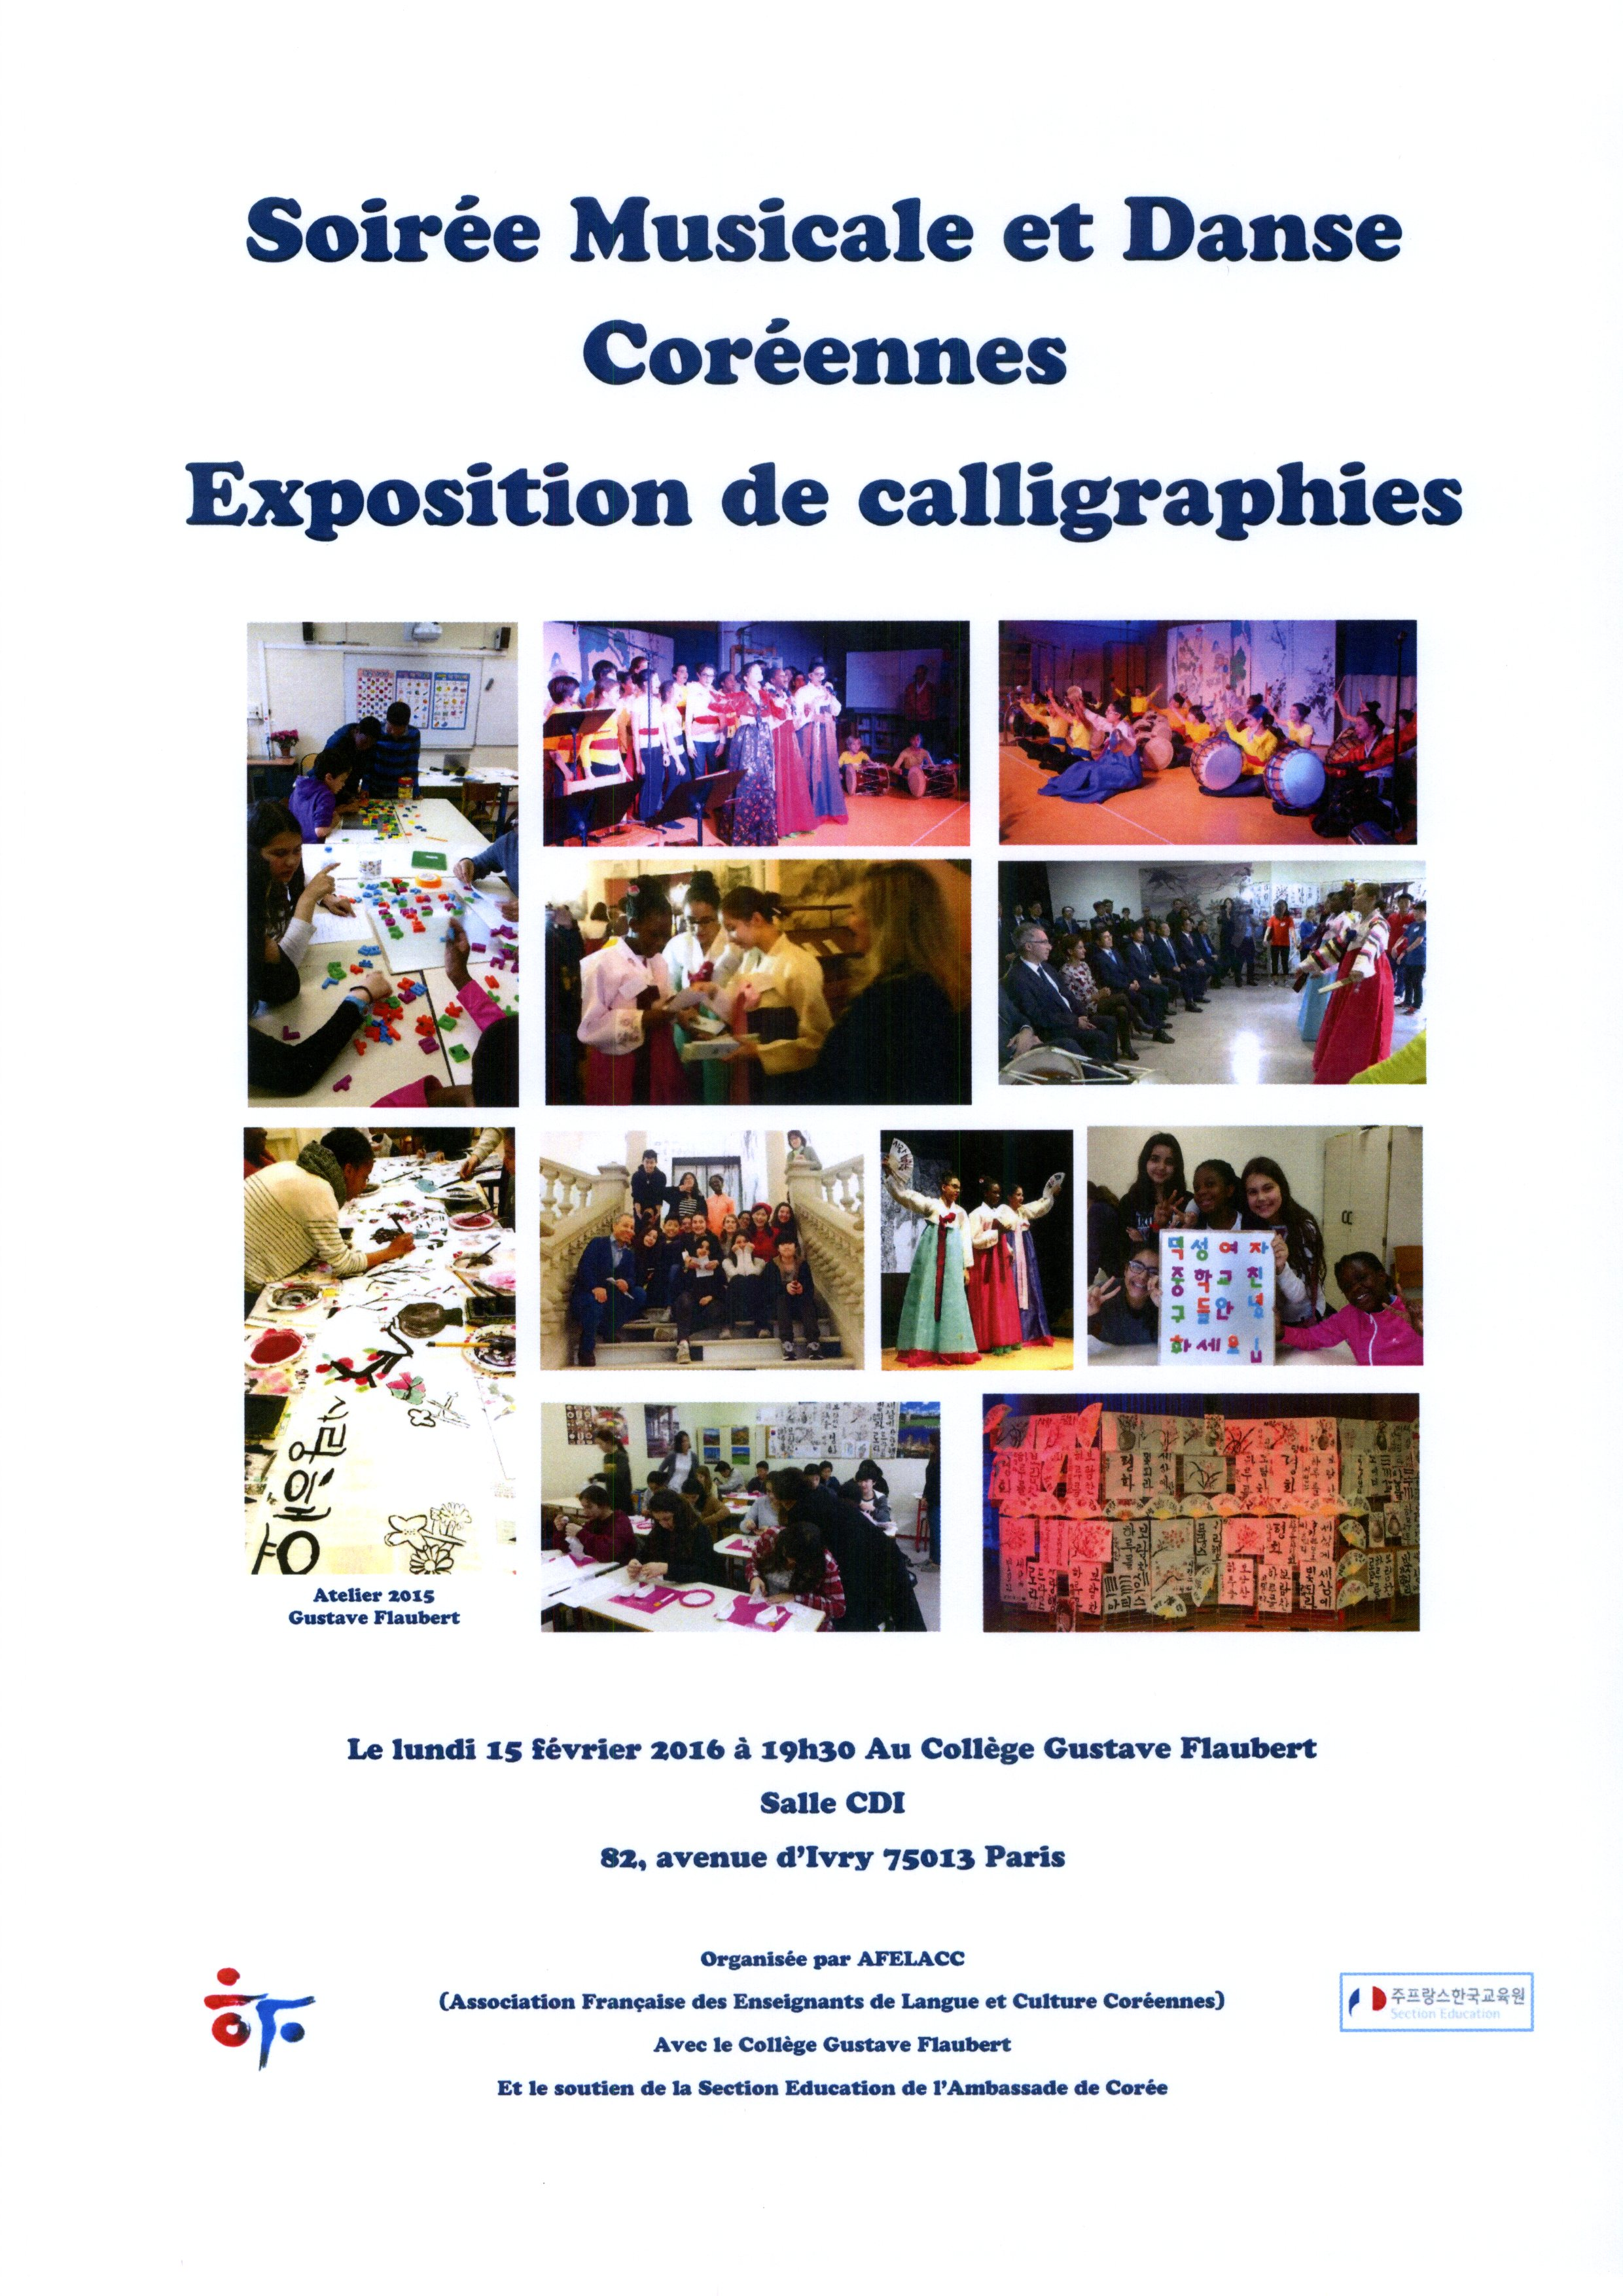 15022016 GF-Soirée Musicale et Dance Coréennes Exposition de callographies.jpg